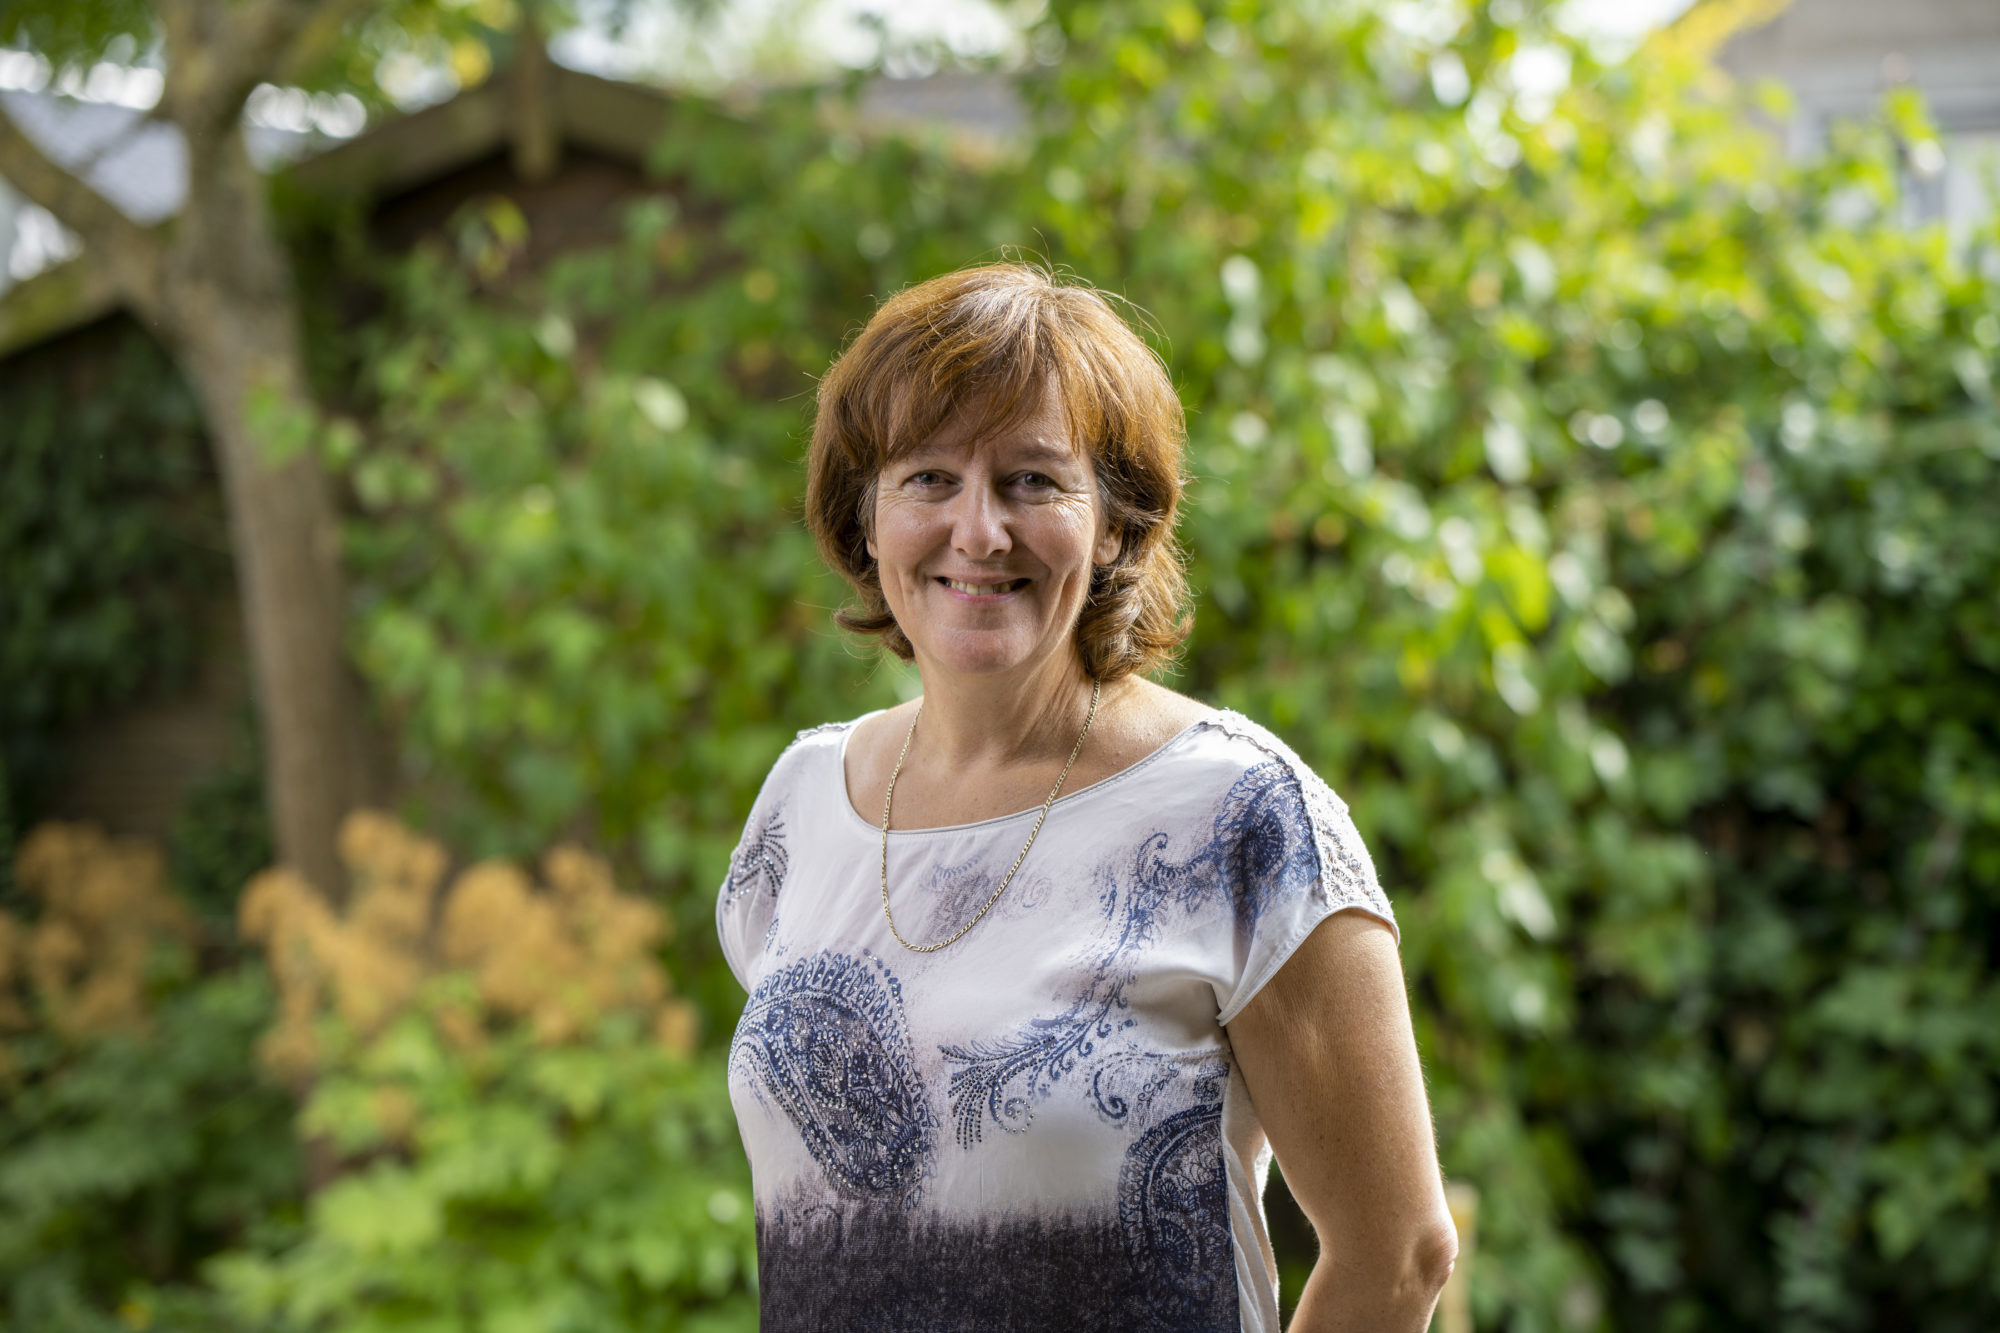 Nicole Boterkooper